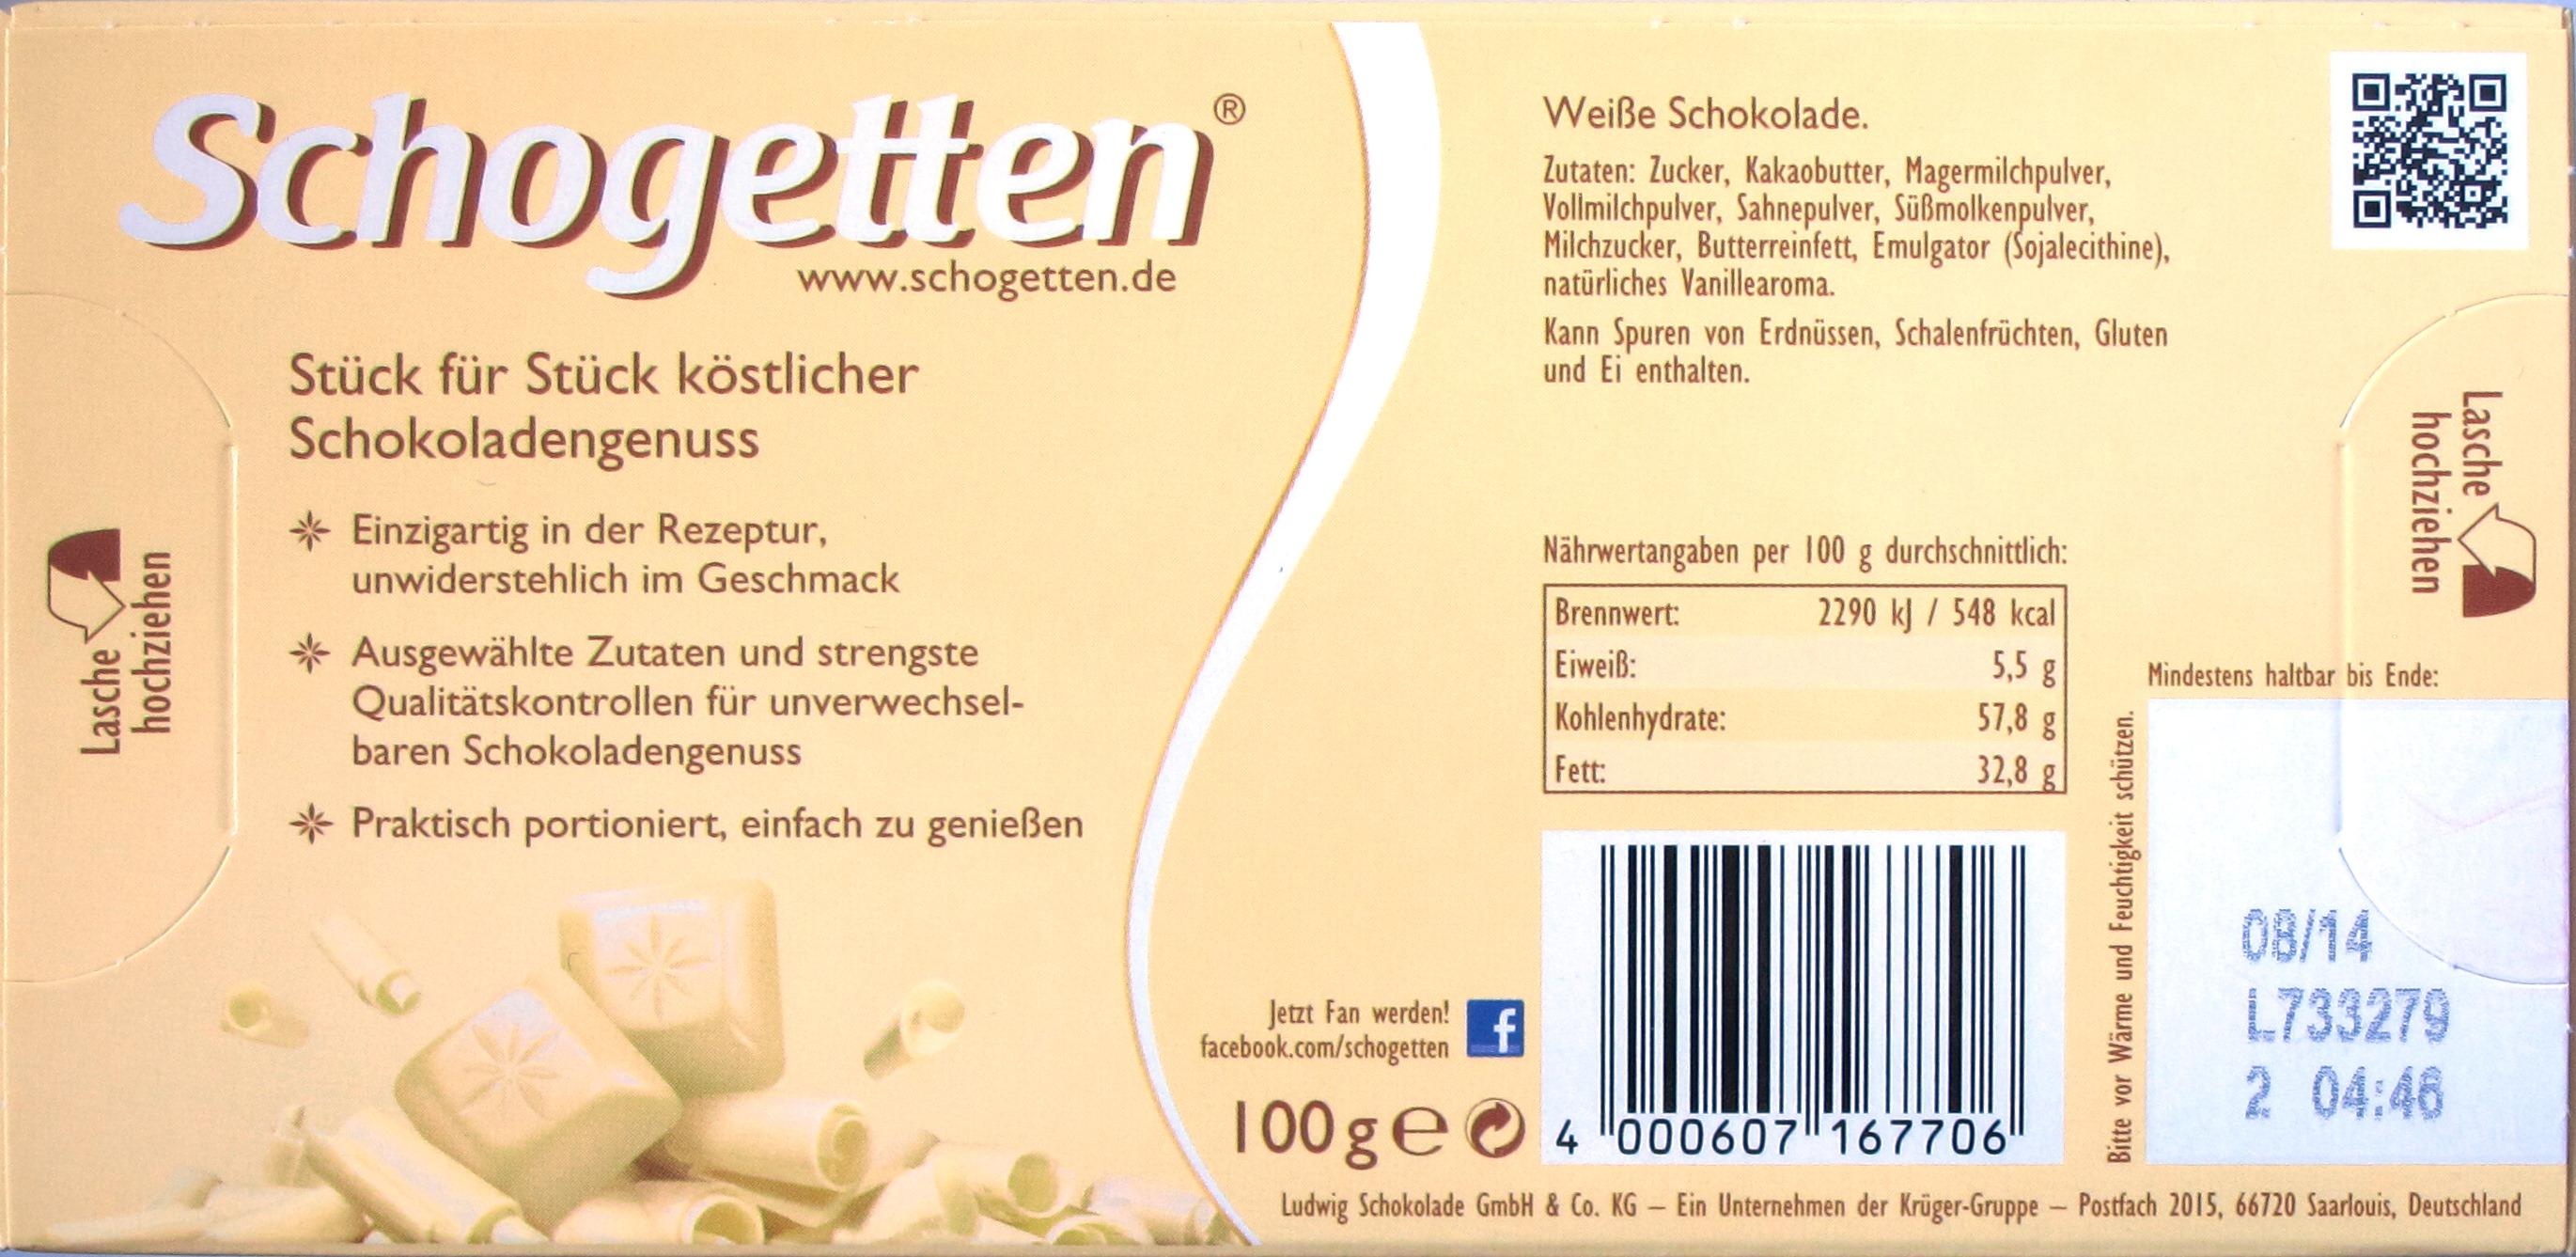 Schogetten, Weiße Schokolade - Rückseite